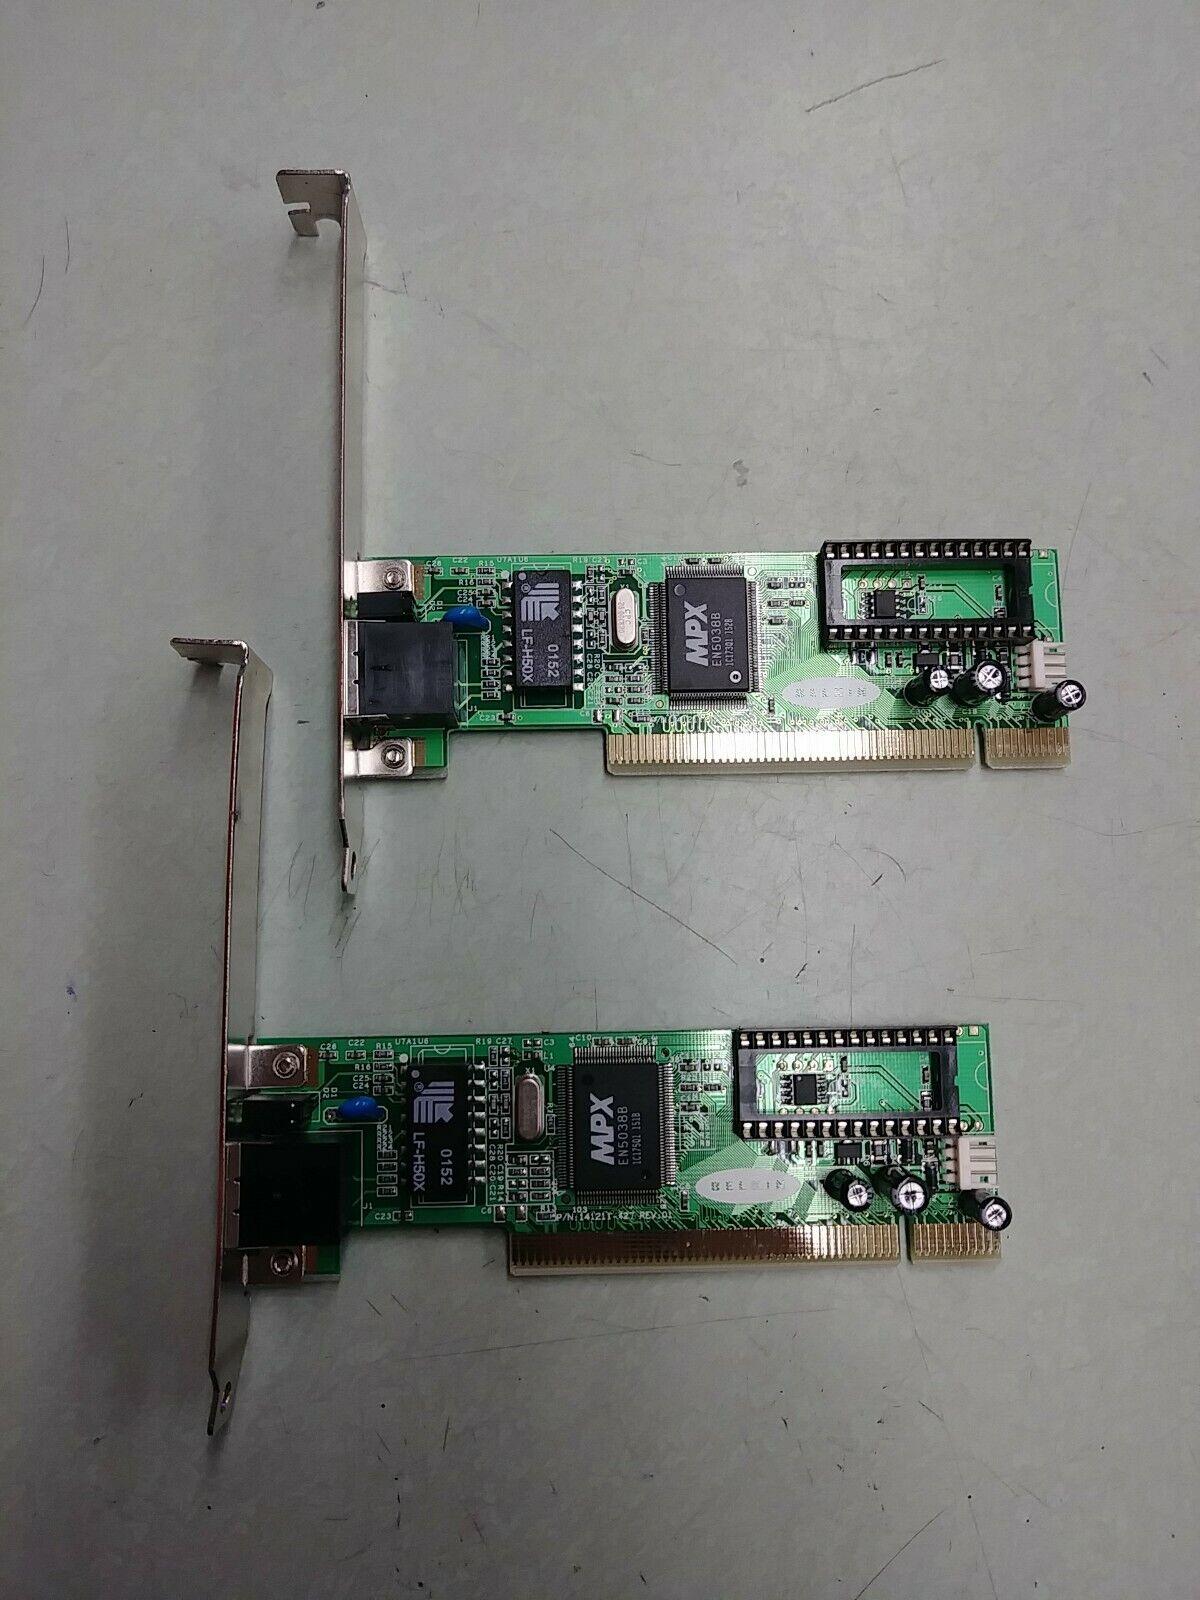 (2) Belkin F5D5000 32 Bit PCI Desktop Network Card NIC LAN 10/100 Mbps